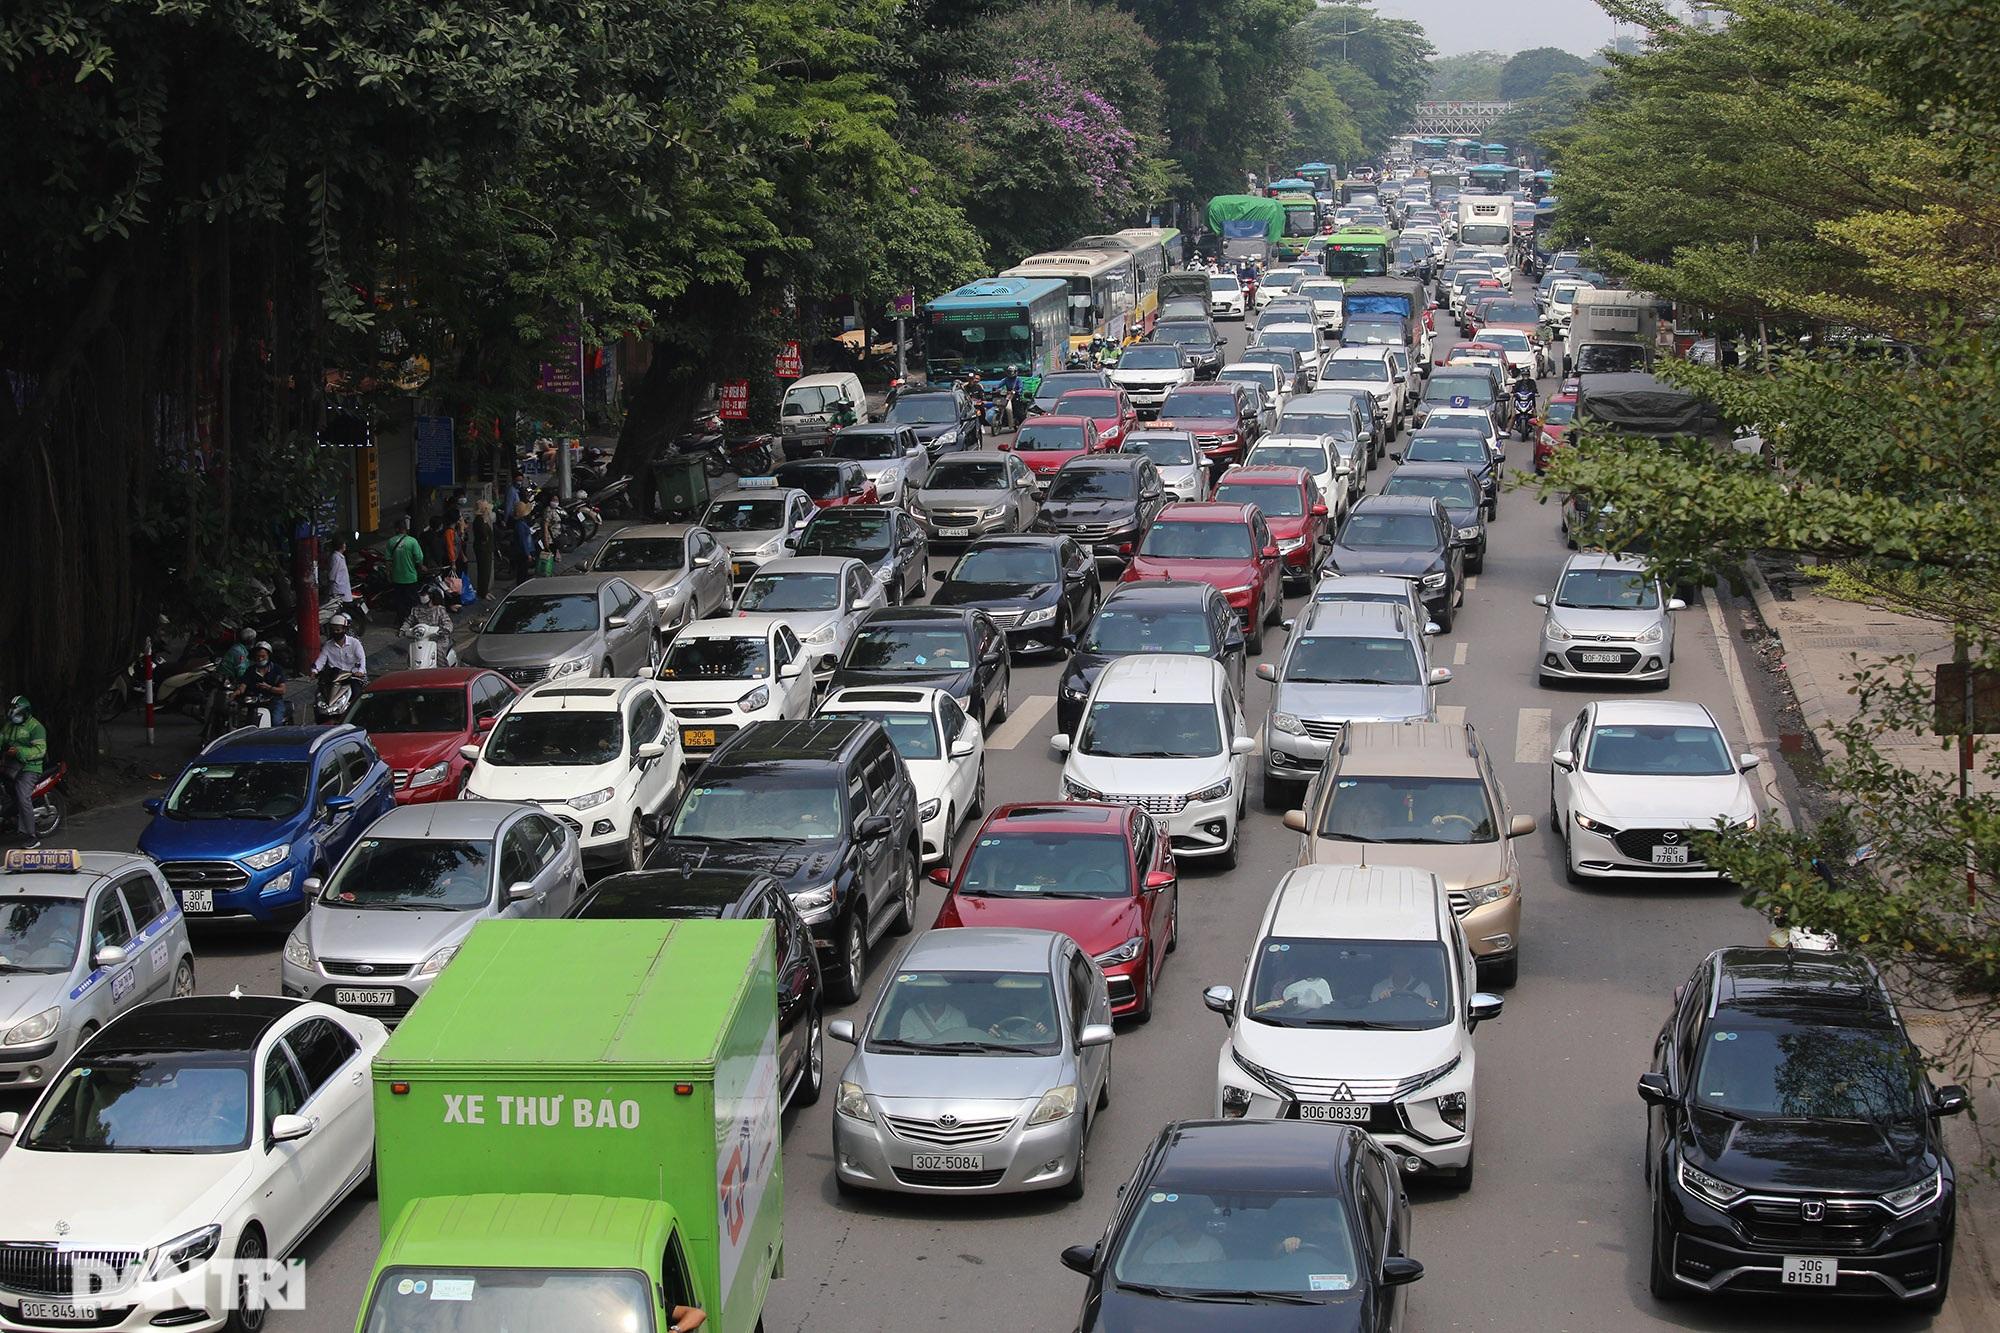 Mặc dù lo ngại dịch Covid-19, nhiều điểm vui chơi ở Hà Nội vẫn đông khách - 6